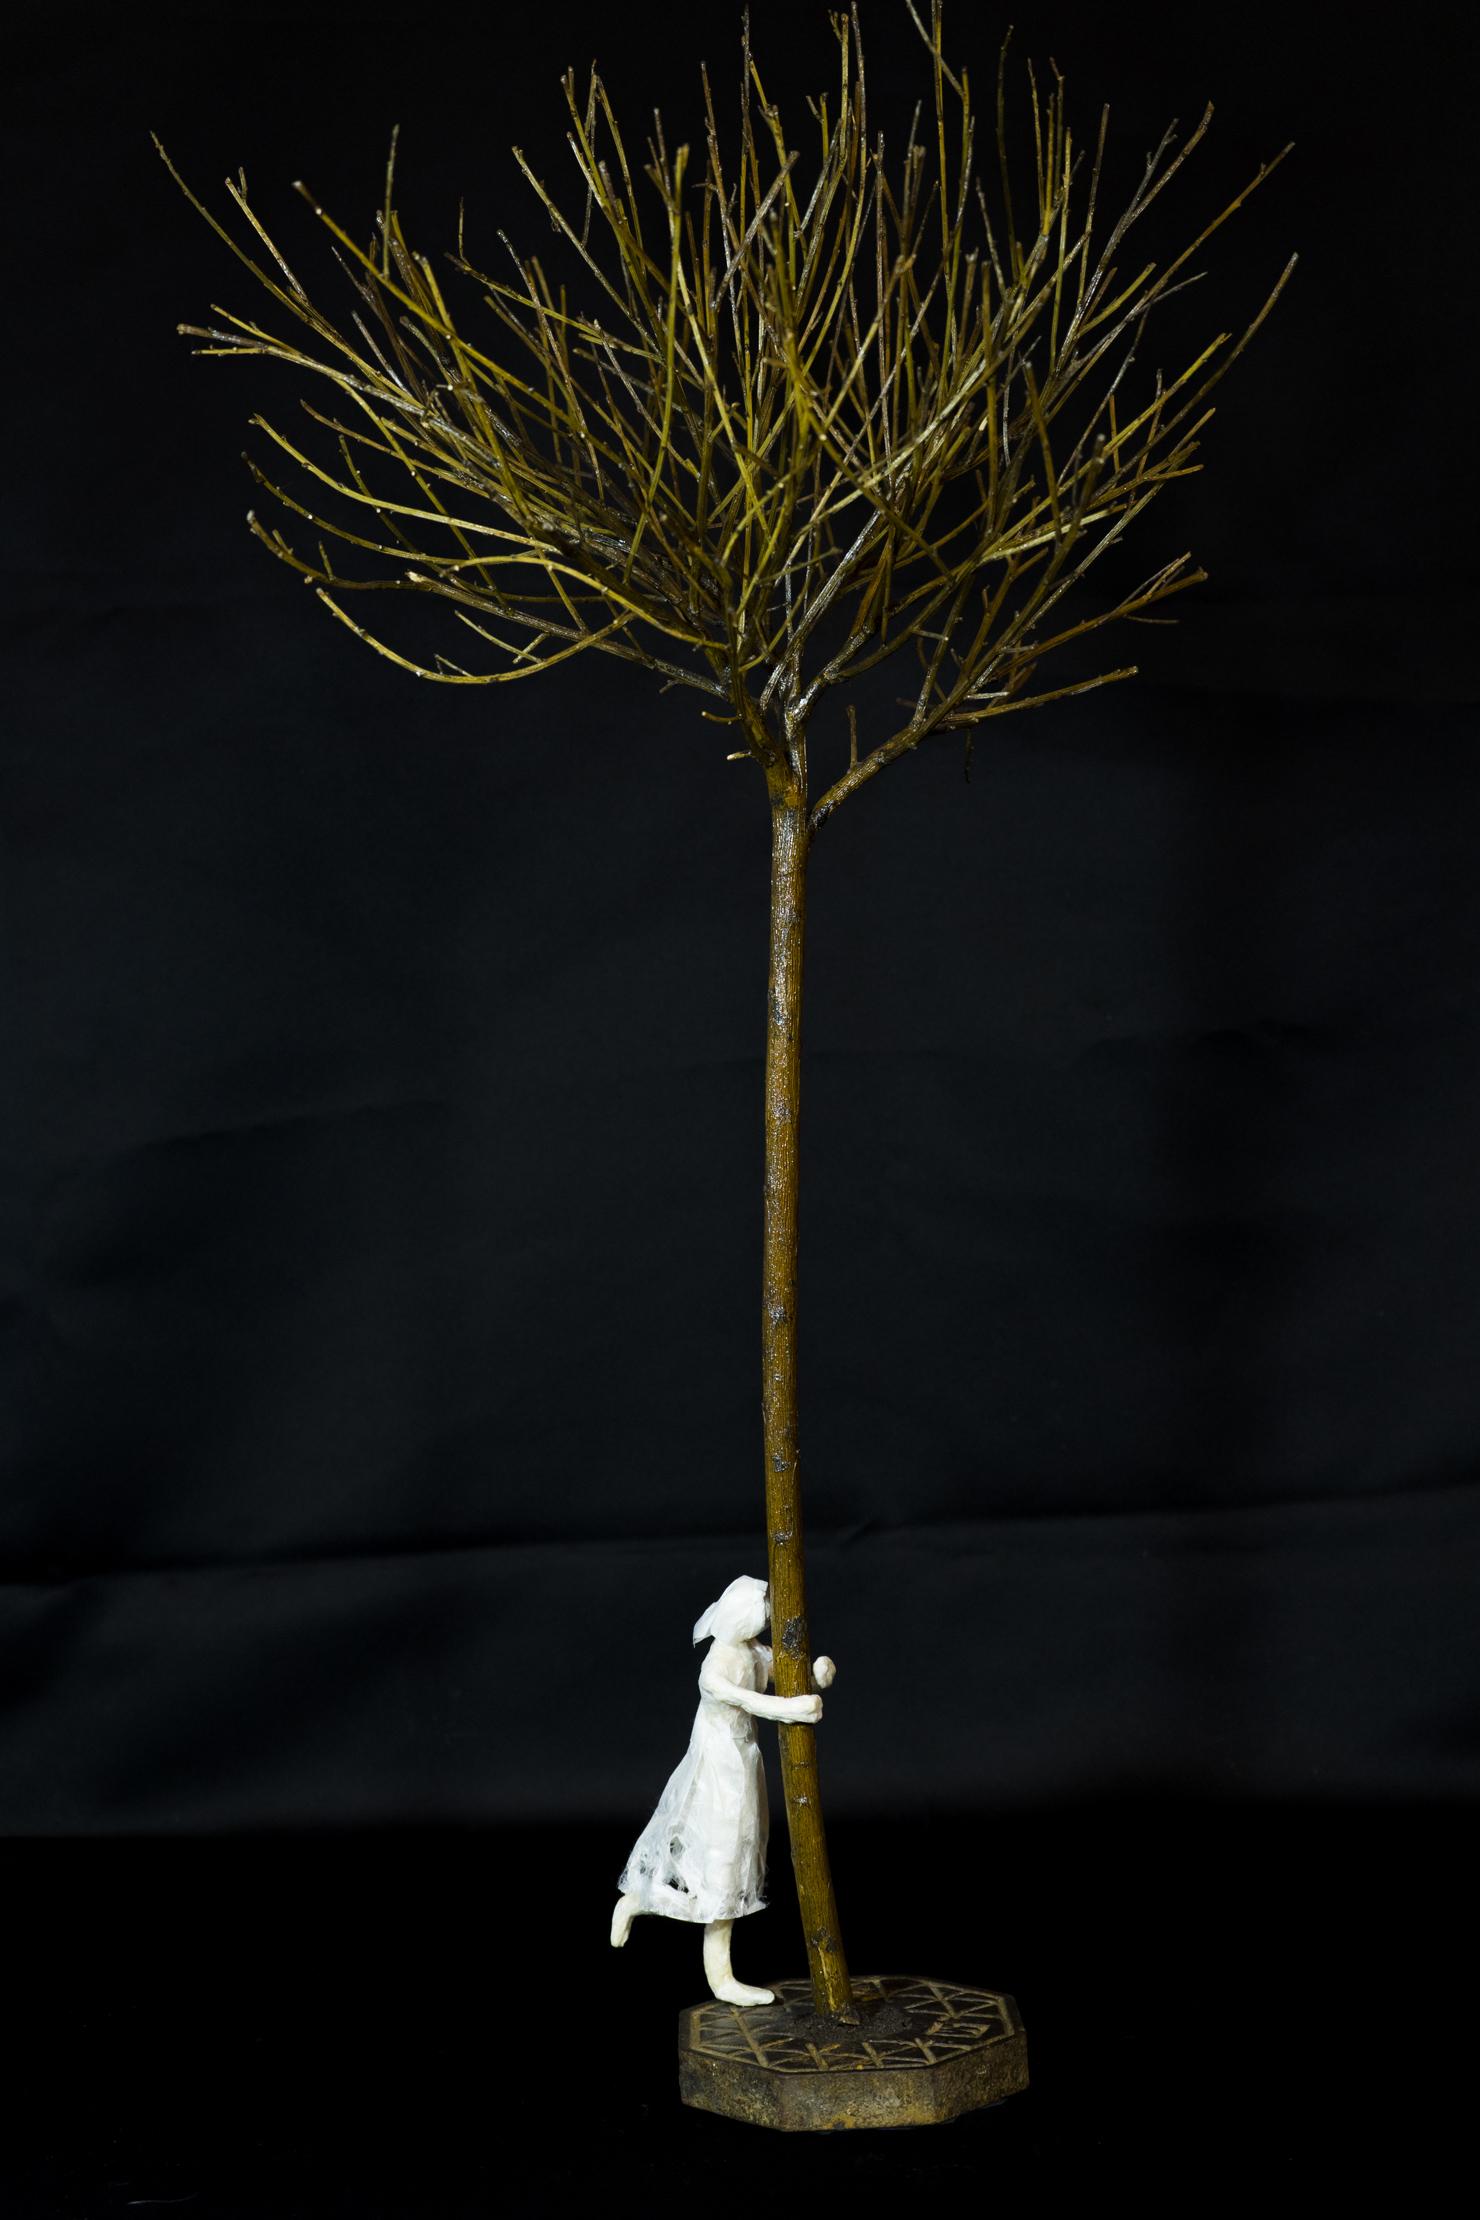 La demoiselle et l'arbre